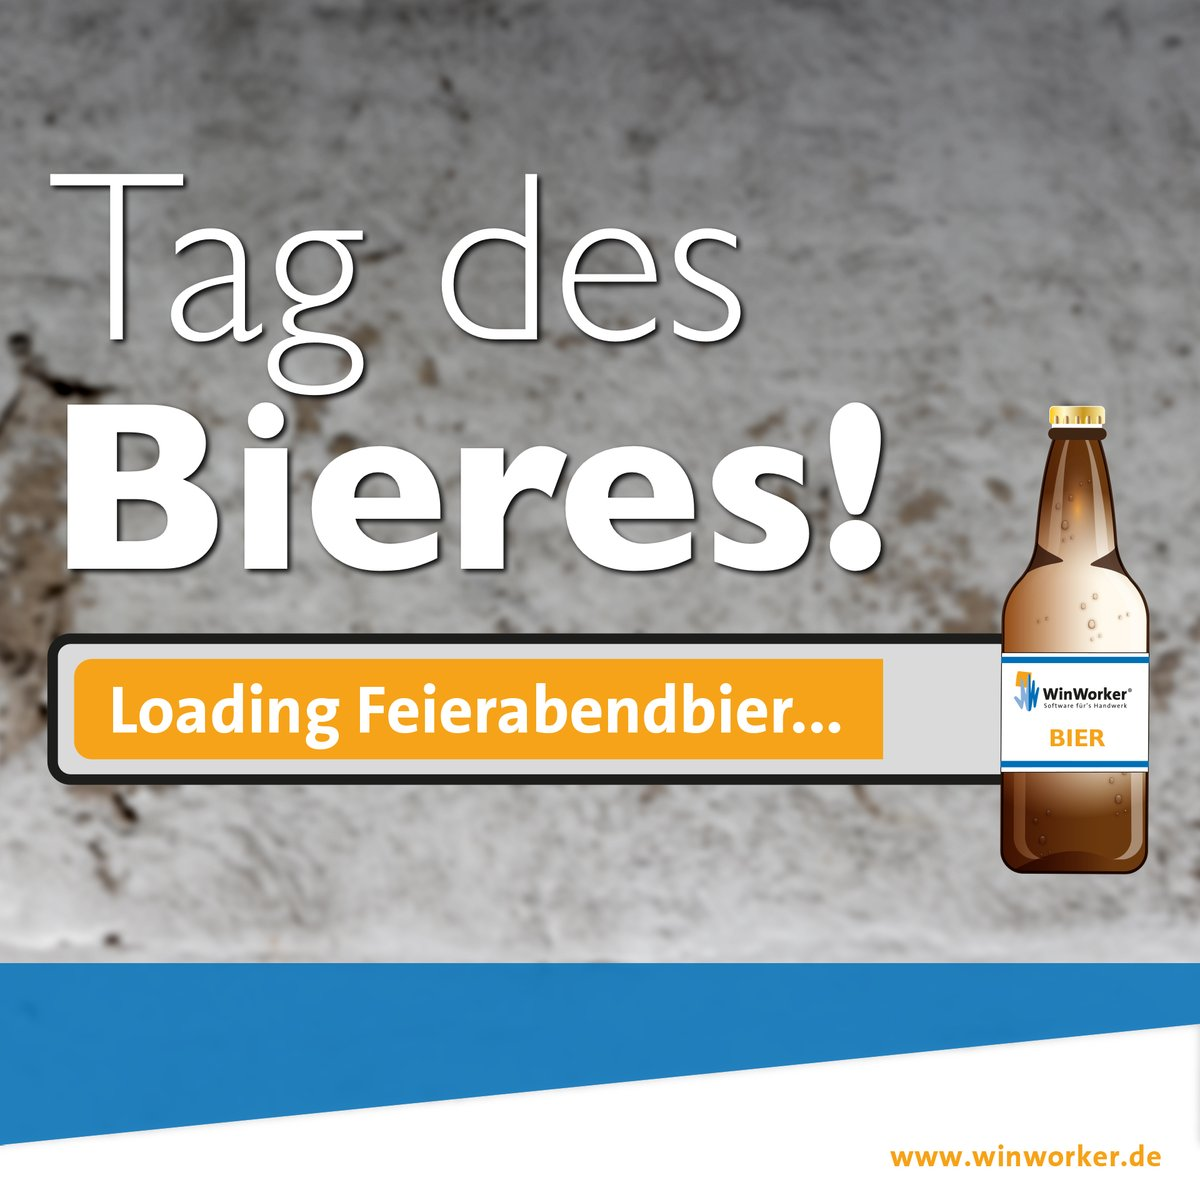 #TagdesBieres